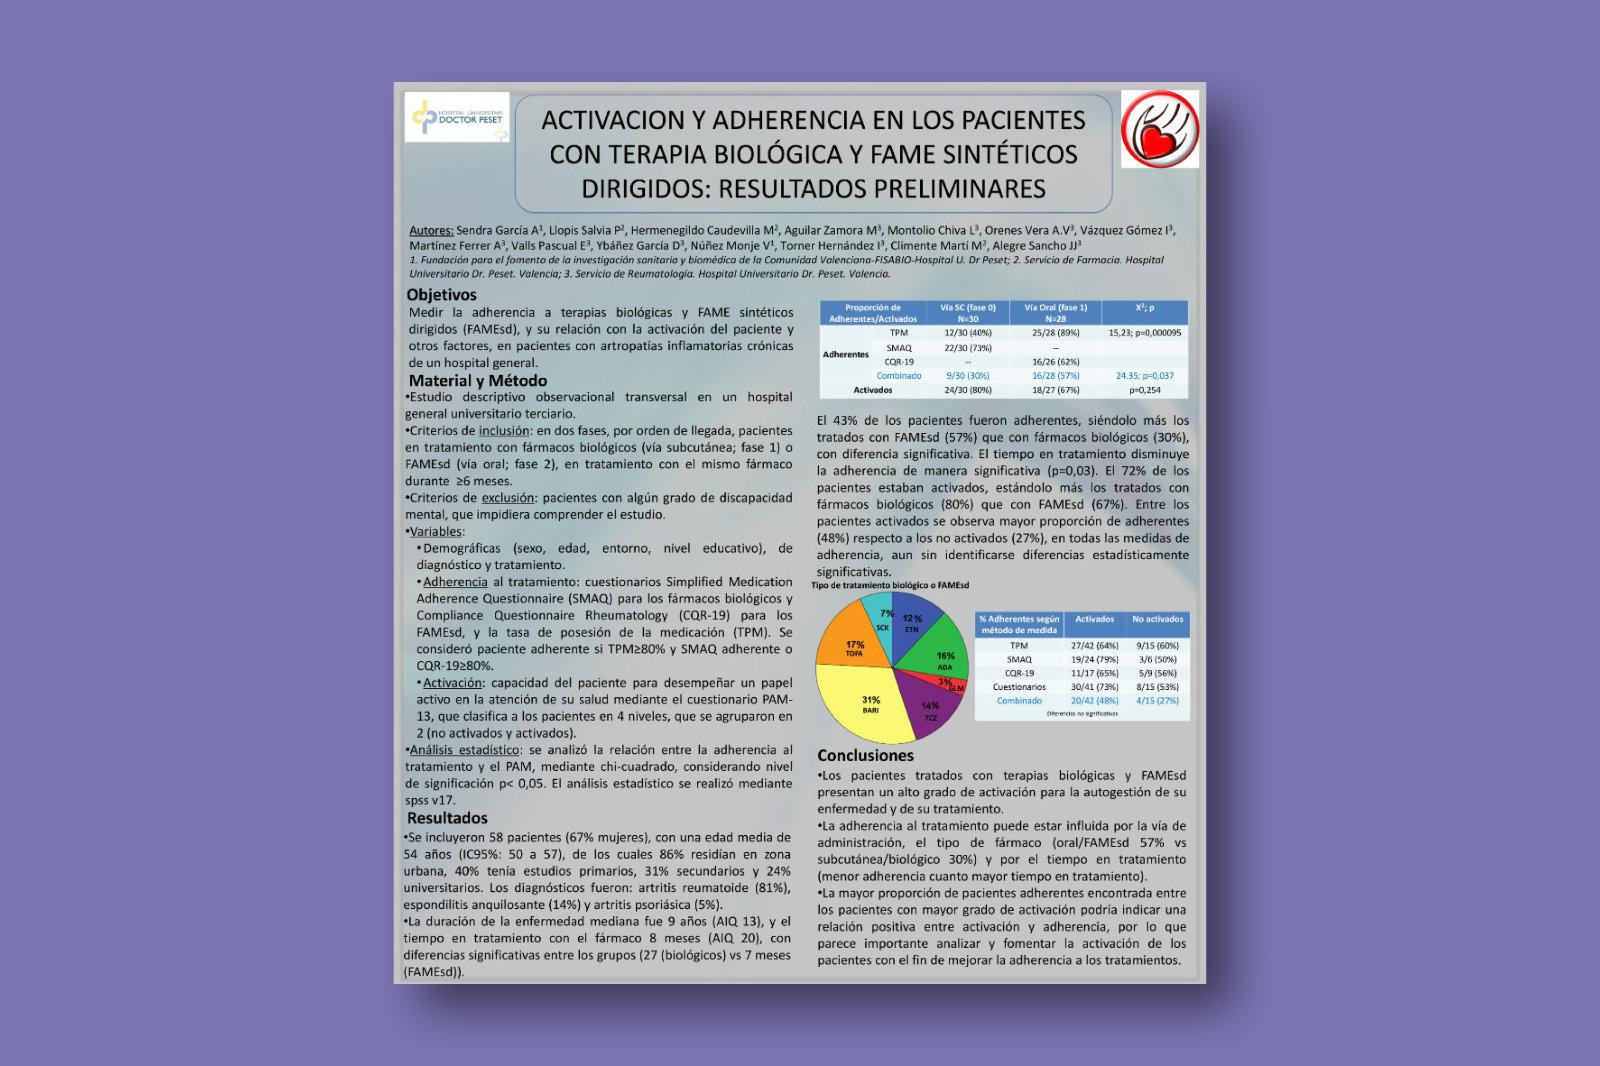 Activación y adherencia en los pacientes con terapia biológica y FAME sintéticos dirigidos: resultados preliminares